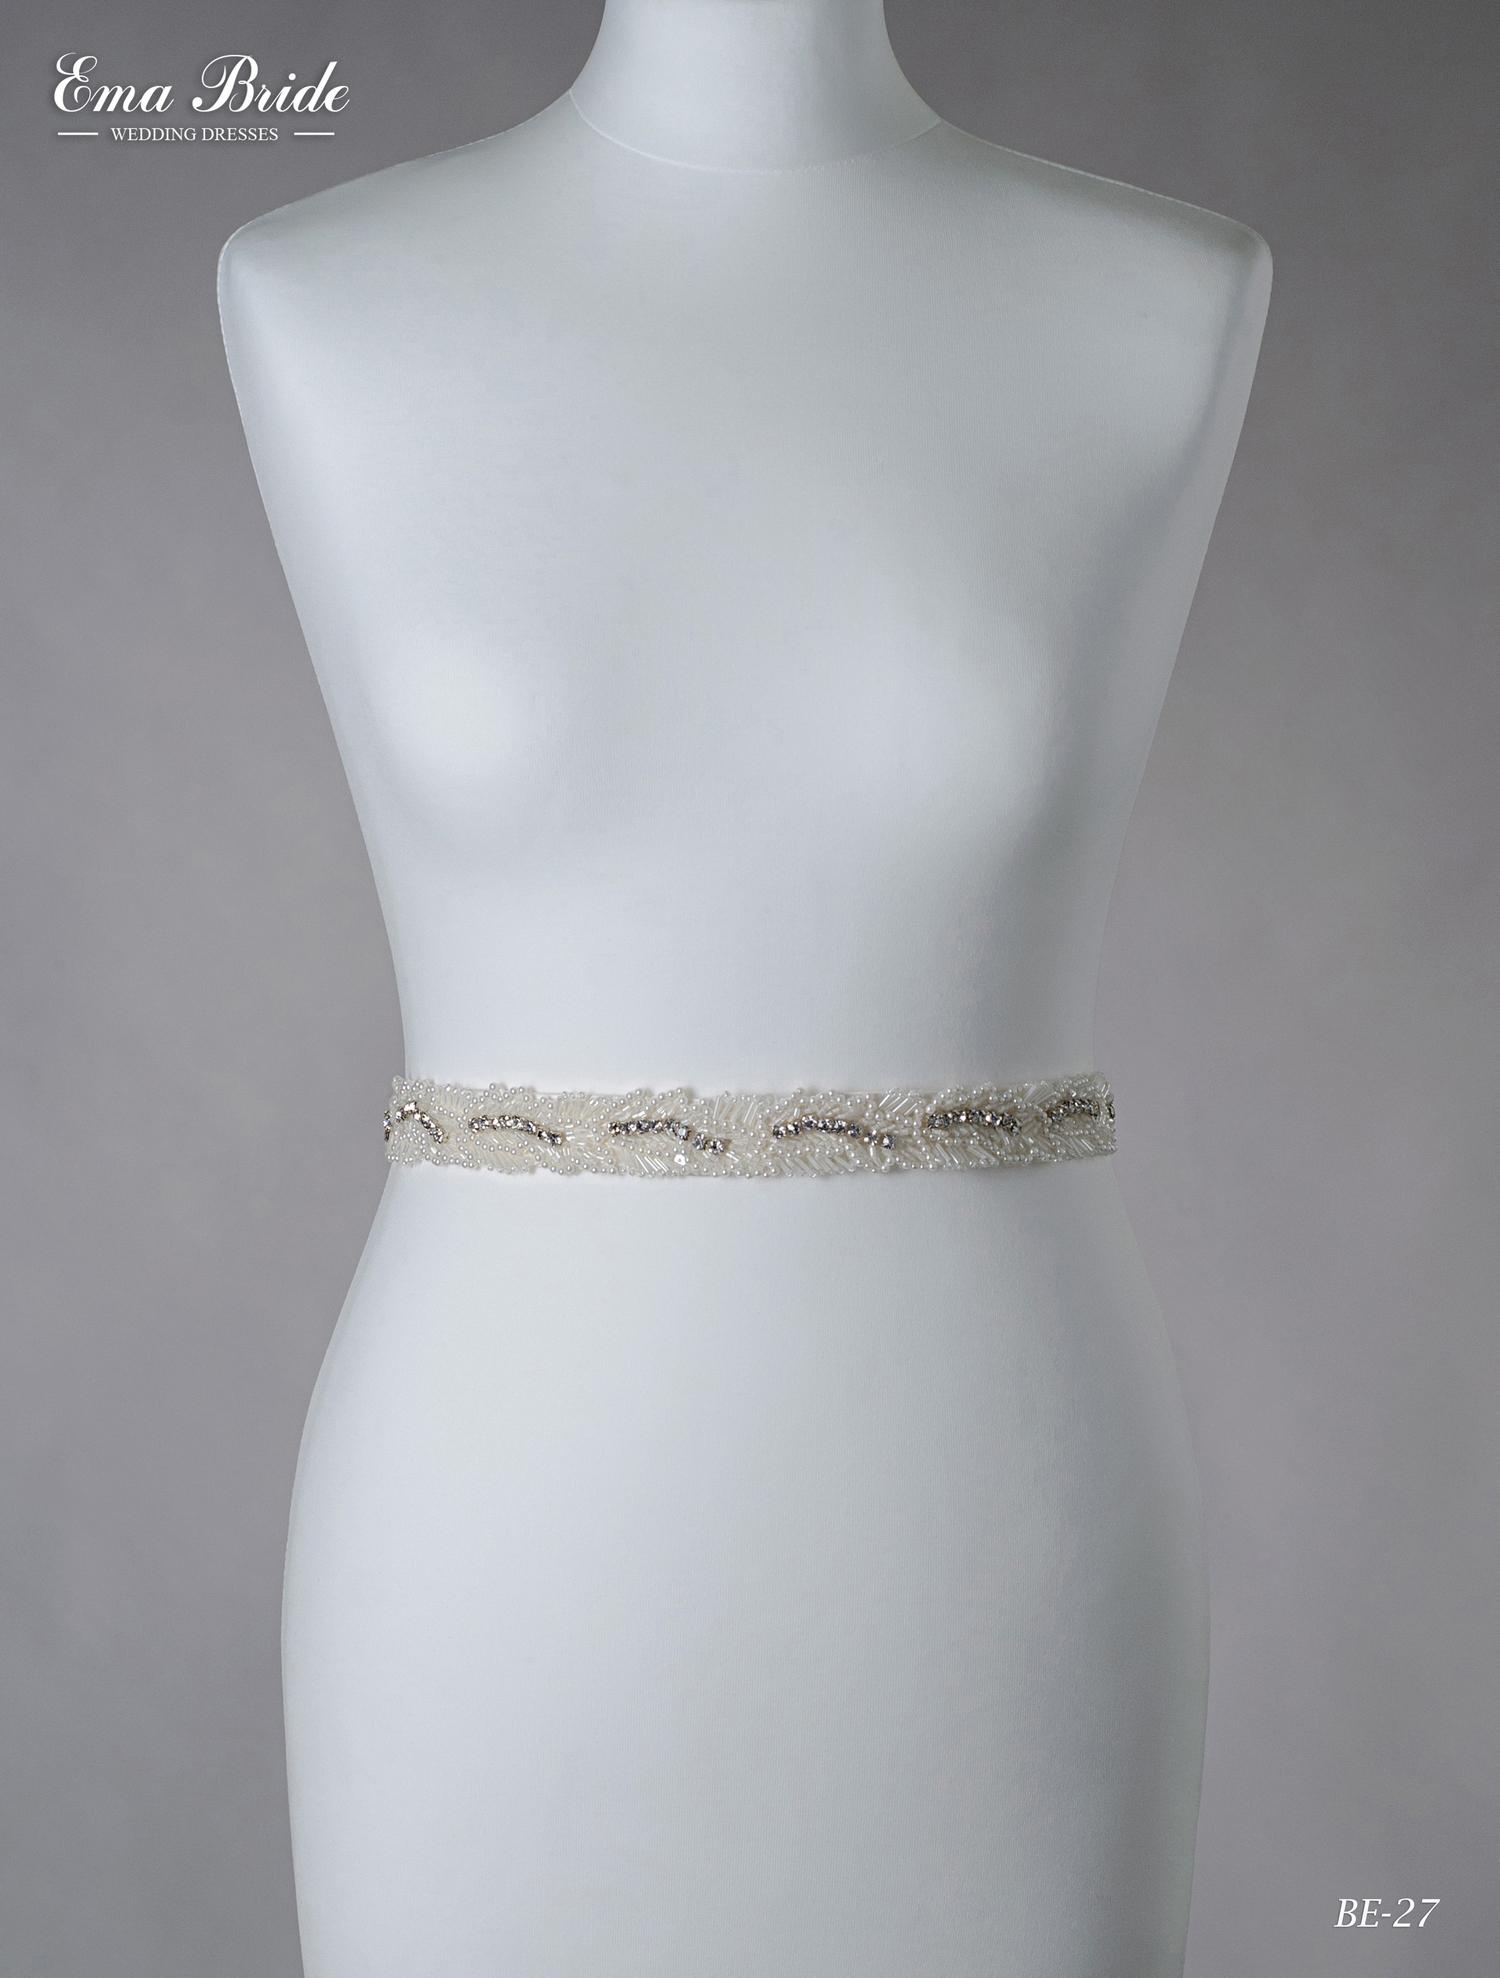 A belt for a wedding dress Be-27